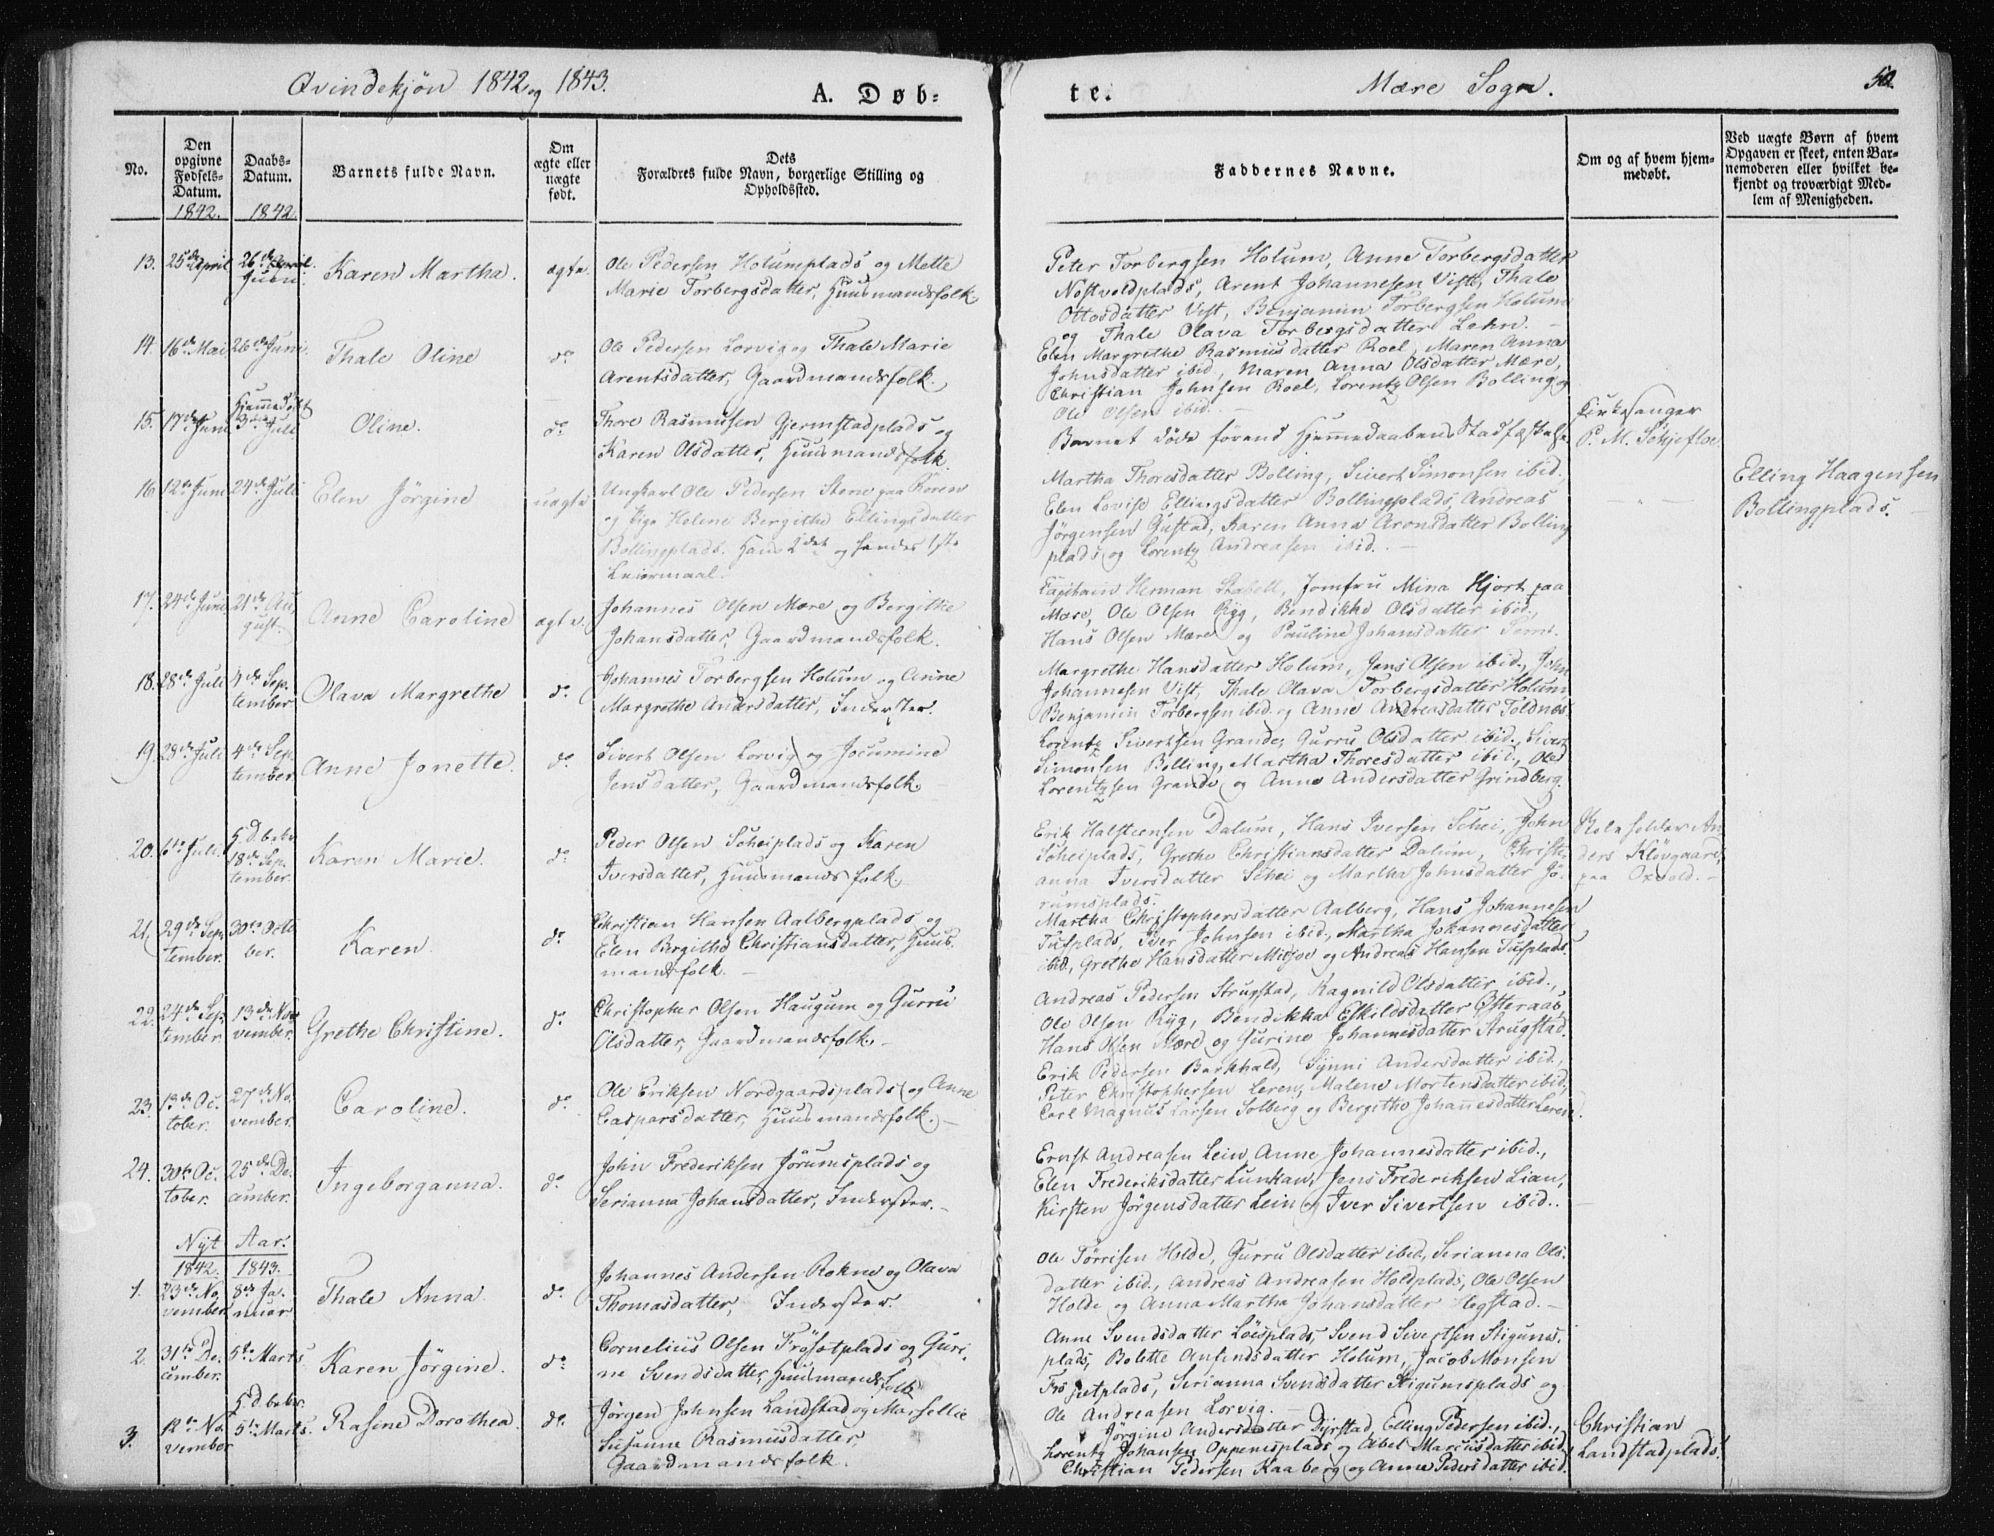 SAT, Ministerialprotokoller, klokkerbøker og fødselsregistre - Nord-Trøndelag, 735/L0339: Ministerialbok nr. 735A06 /1, 1836-1848, s. 50